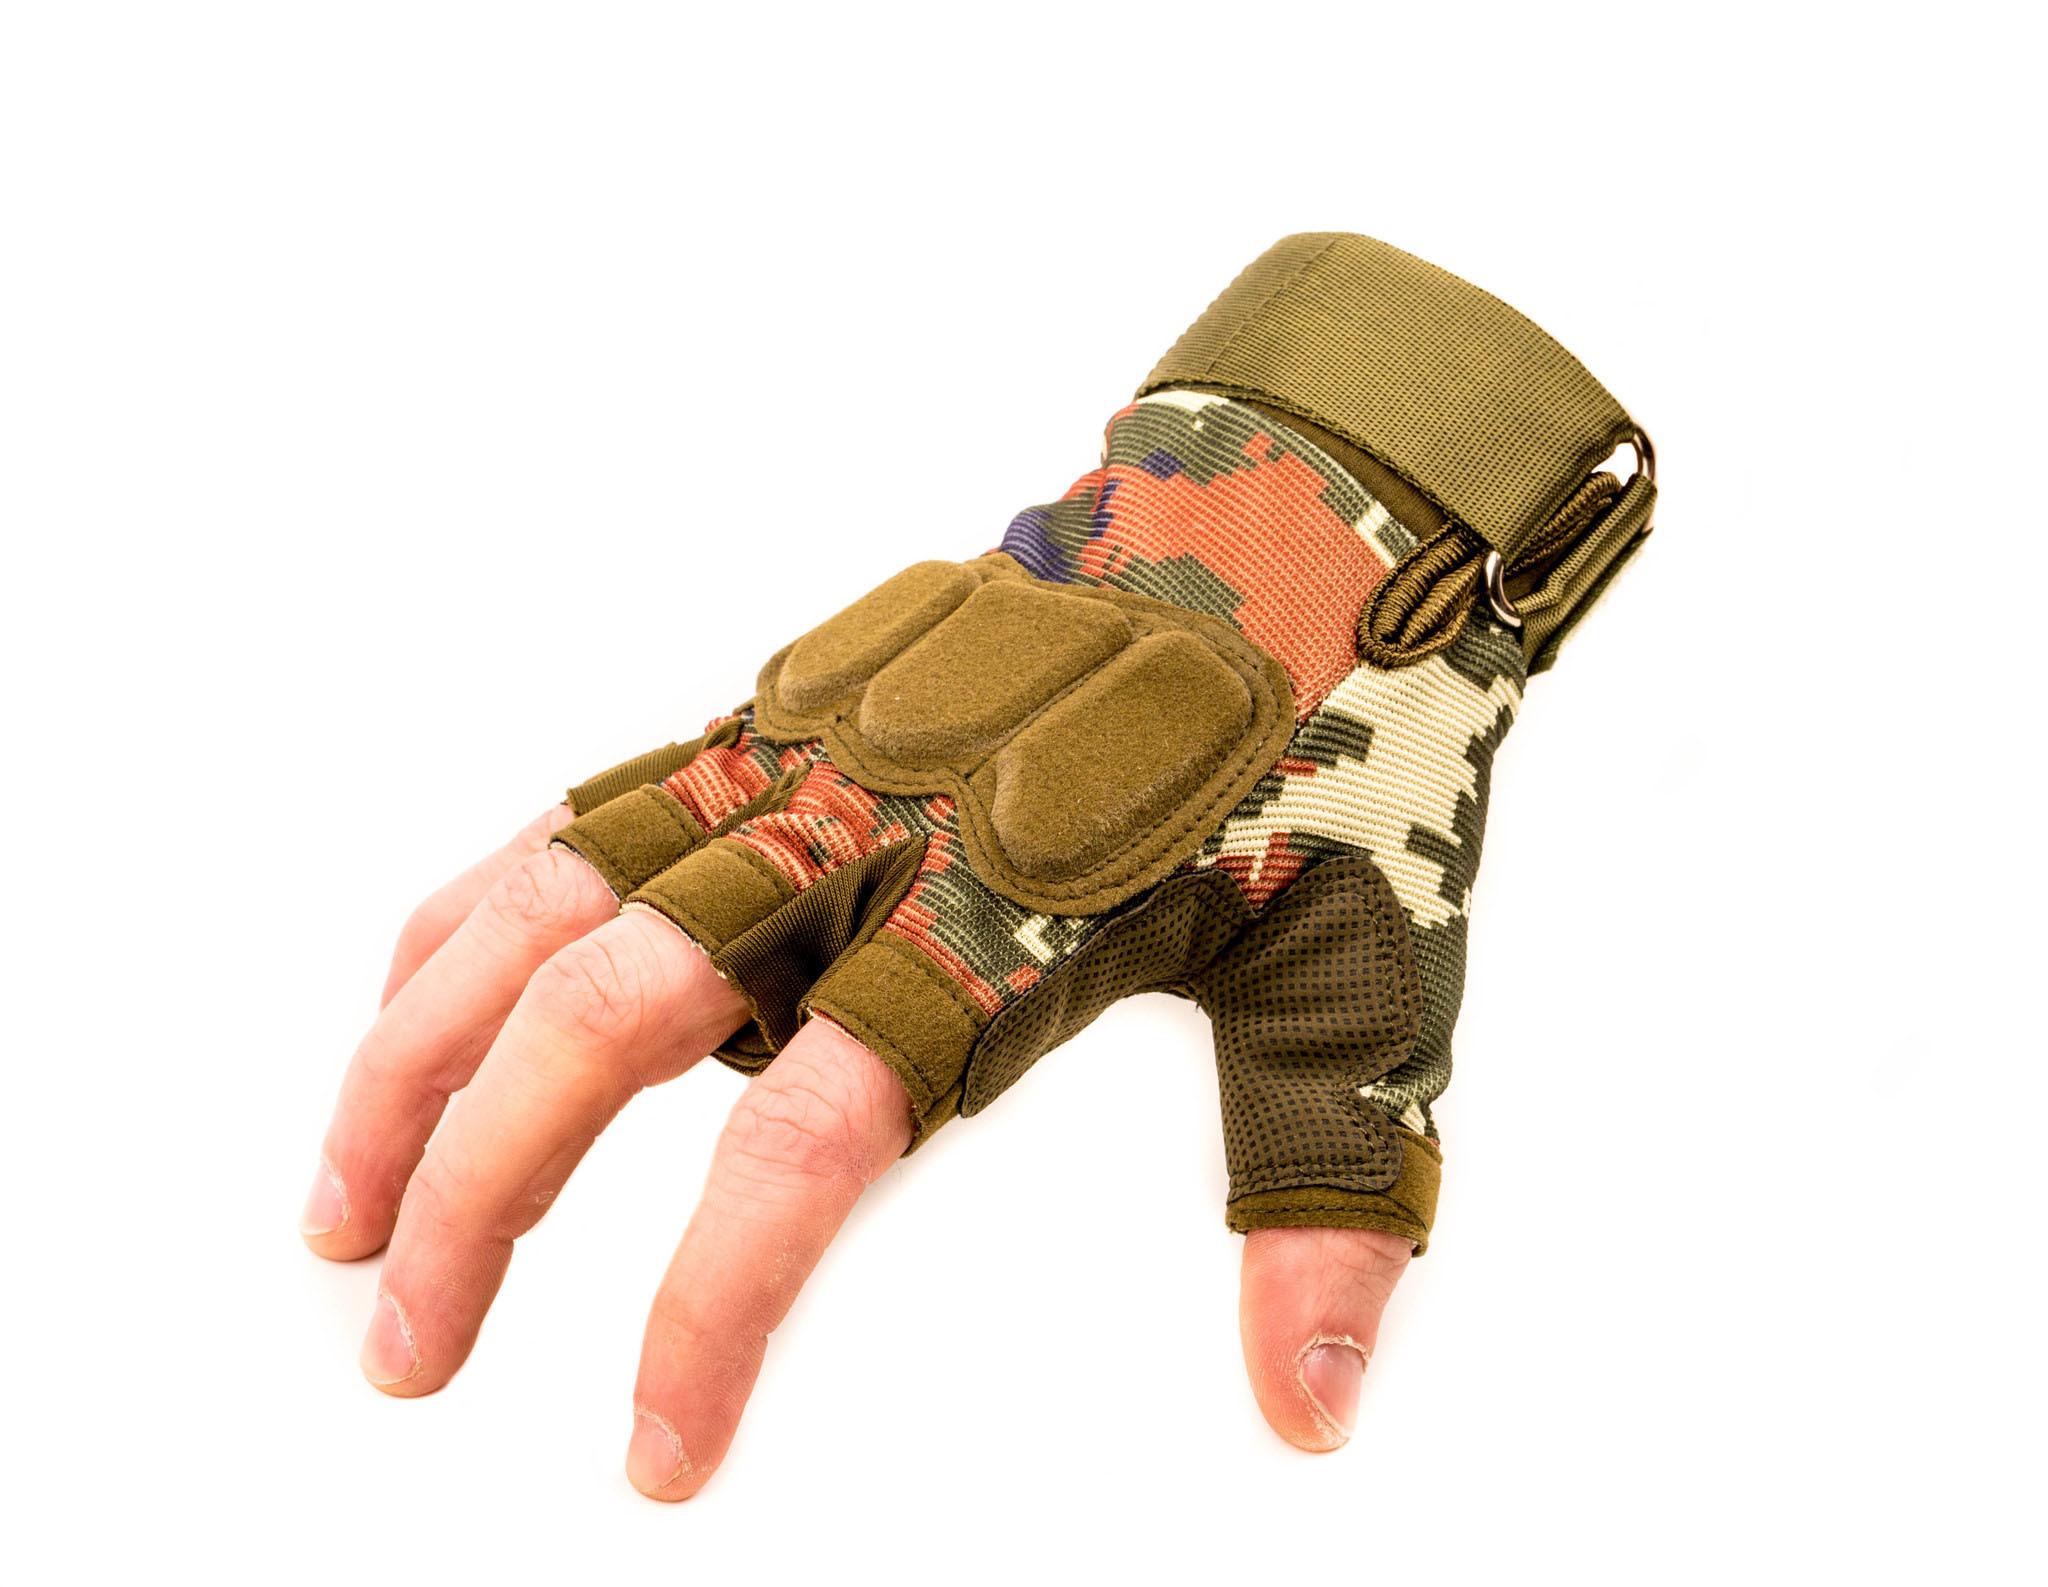 Тактические перчатки без пальцев Forest, размер XL от China Factory